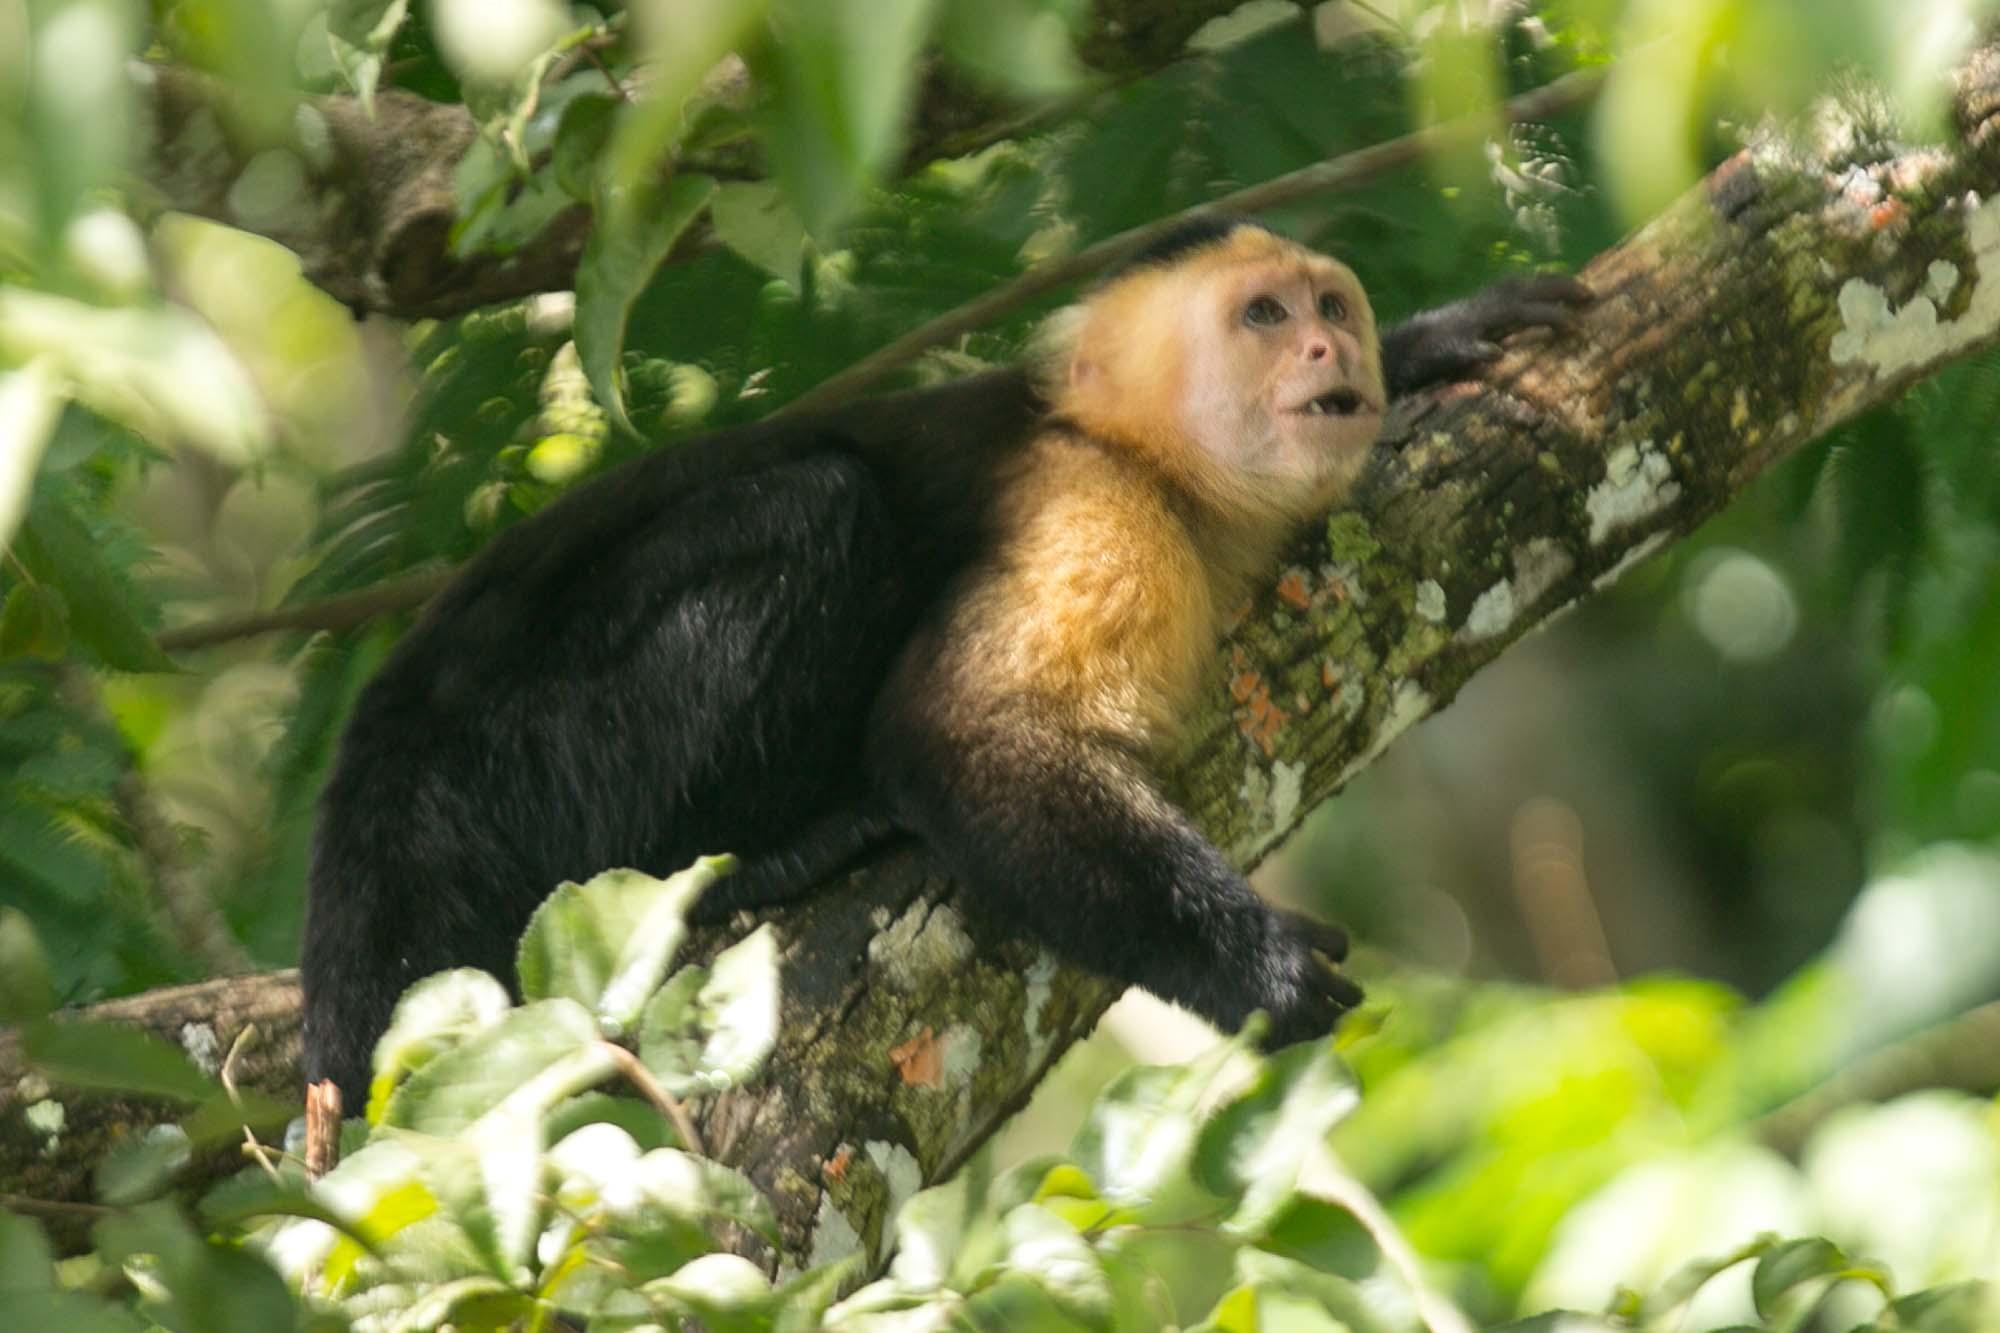 White faced capuchin on Monkey Island